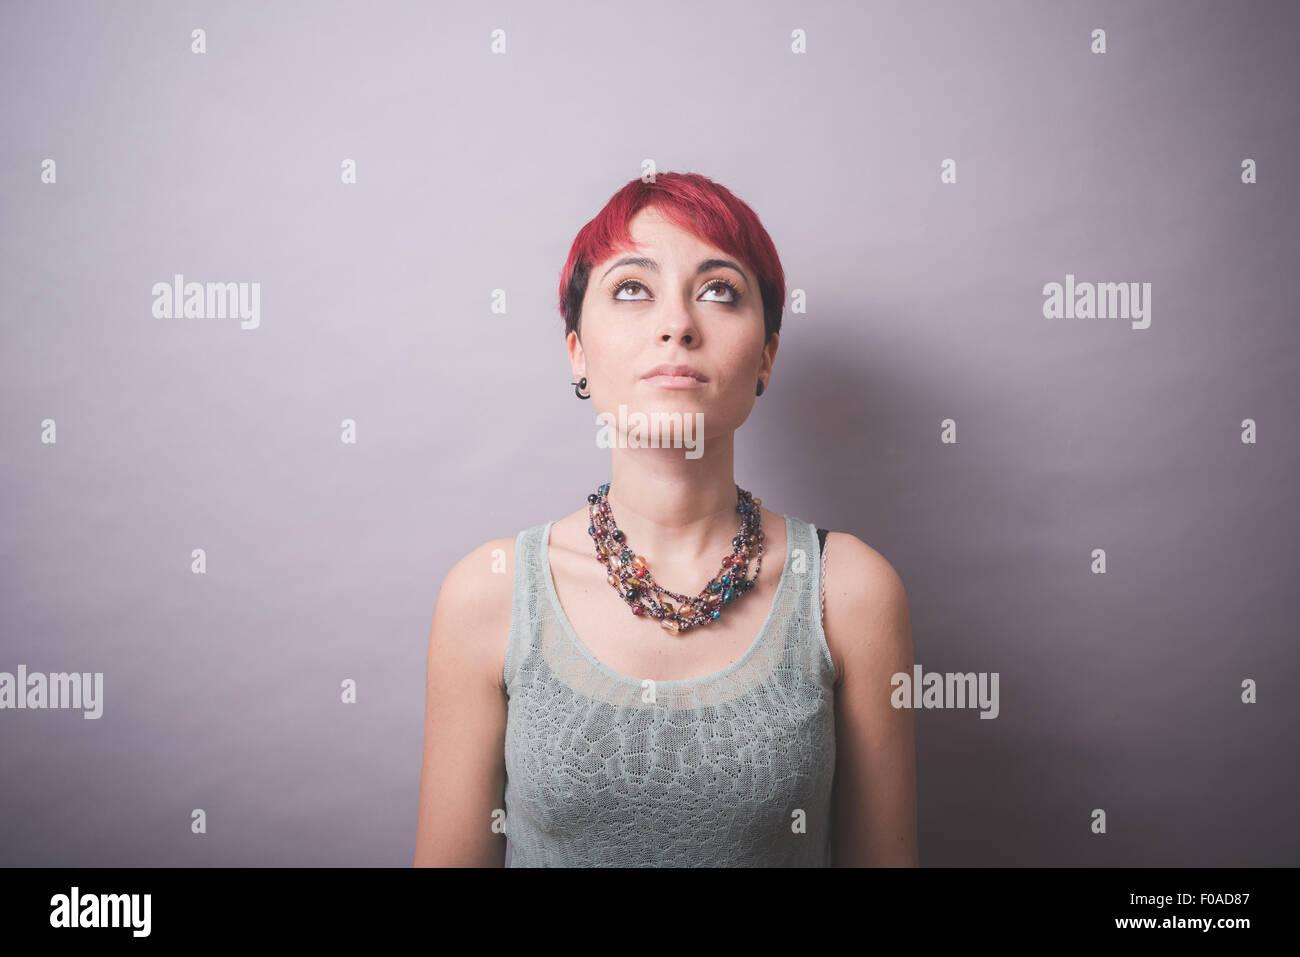 Retrato de Estúdio de jovem mulher com curto de cabelo cor-de-rosa olhando para cima Imagens de Stock